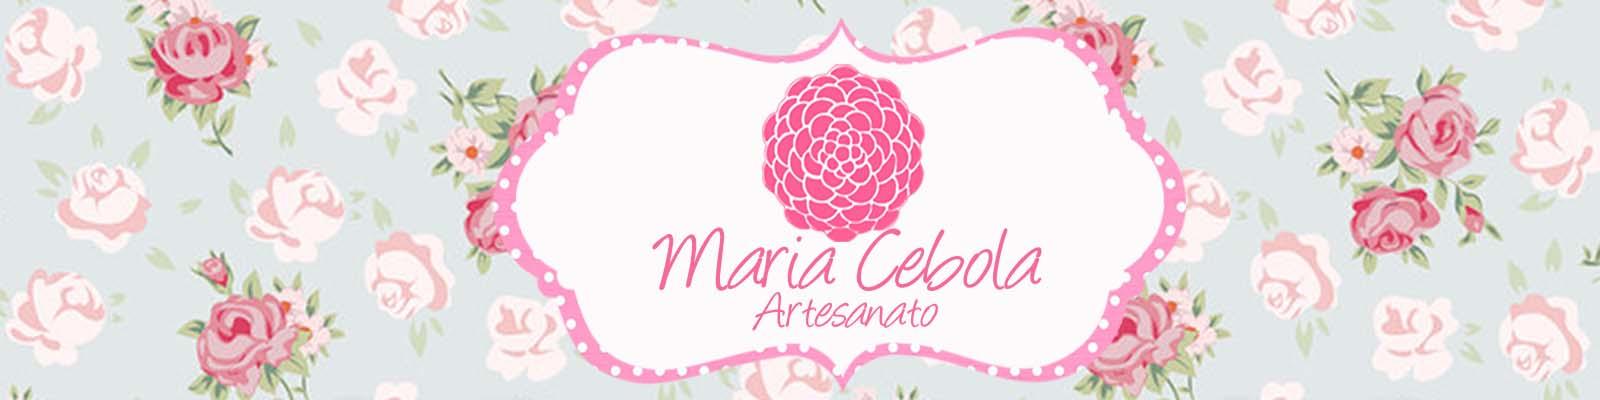 Maria Cebola